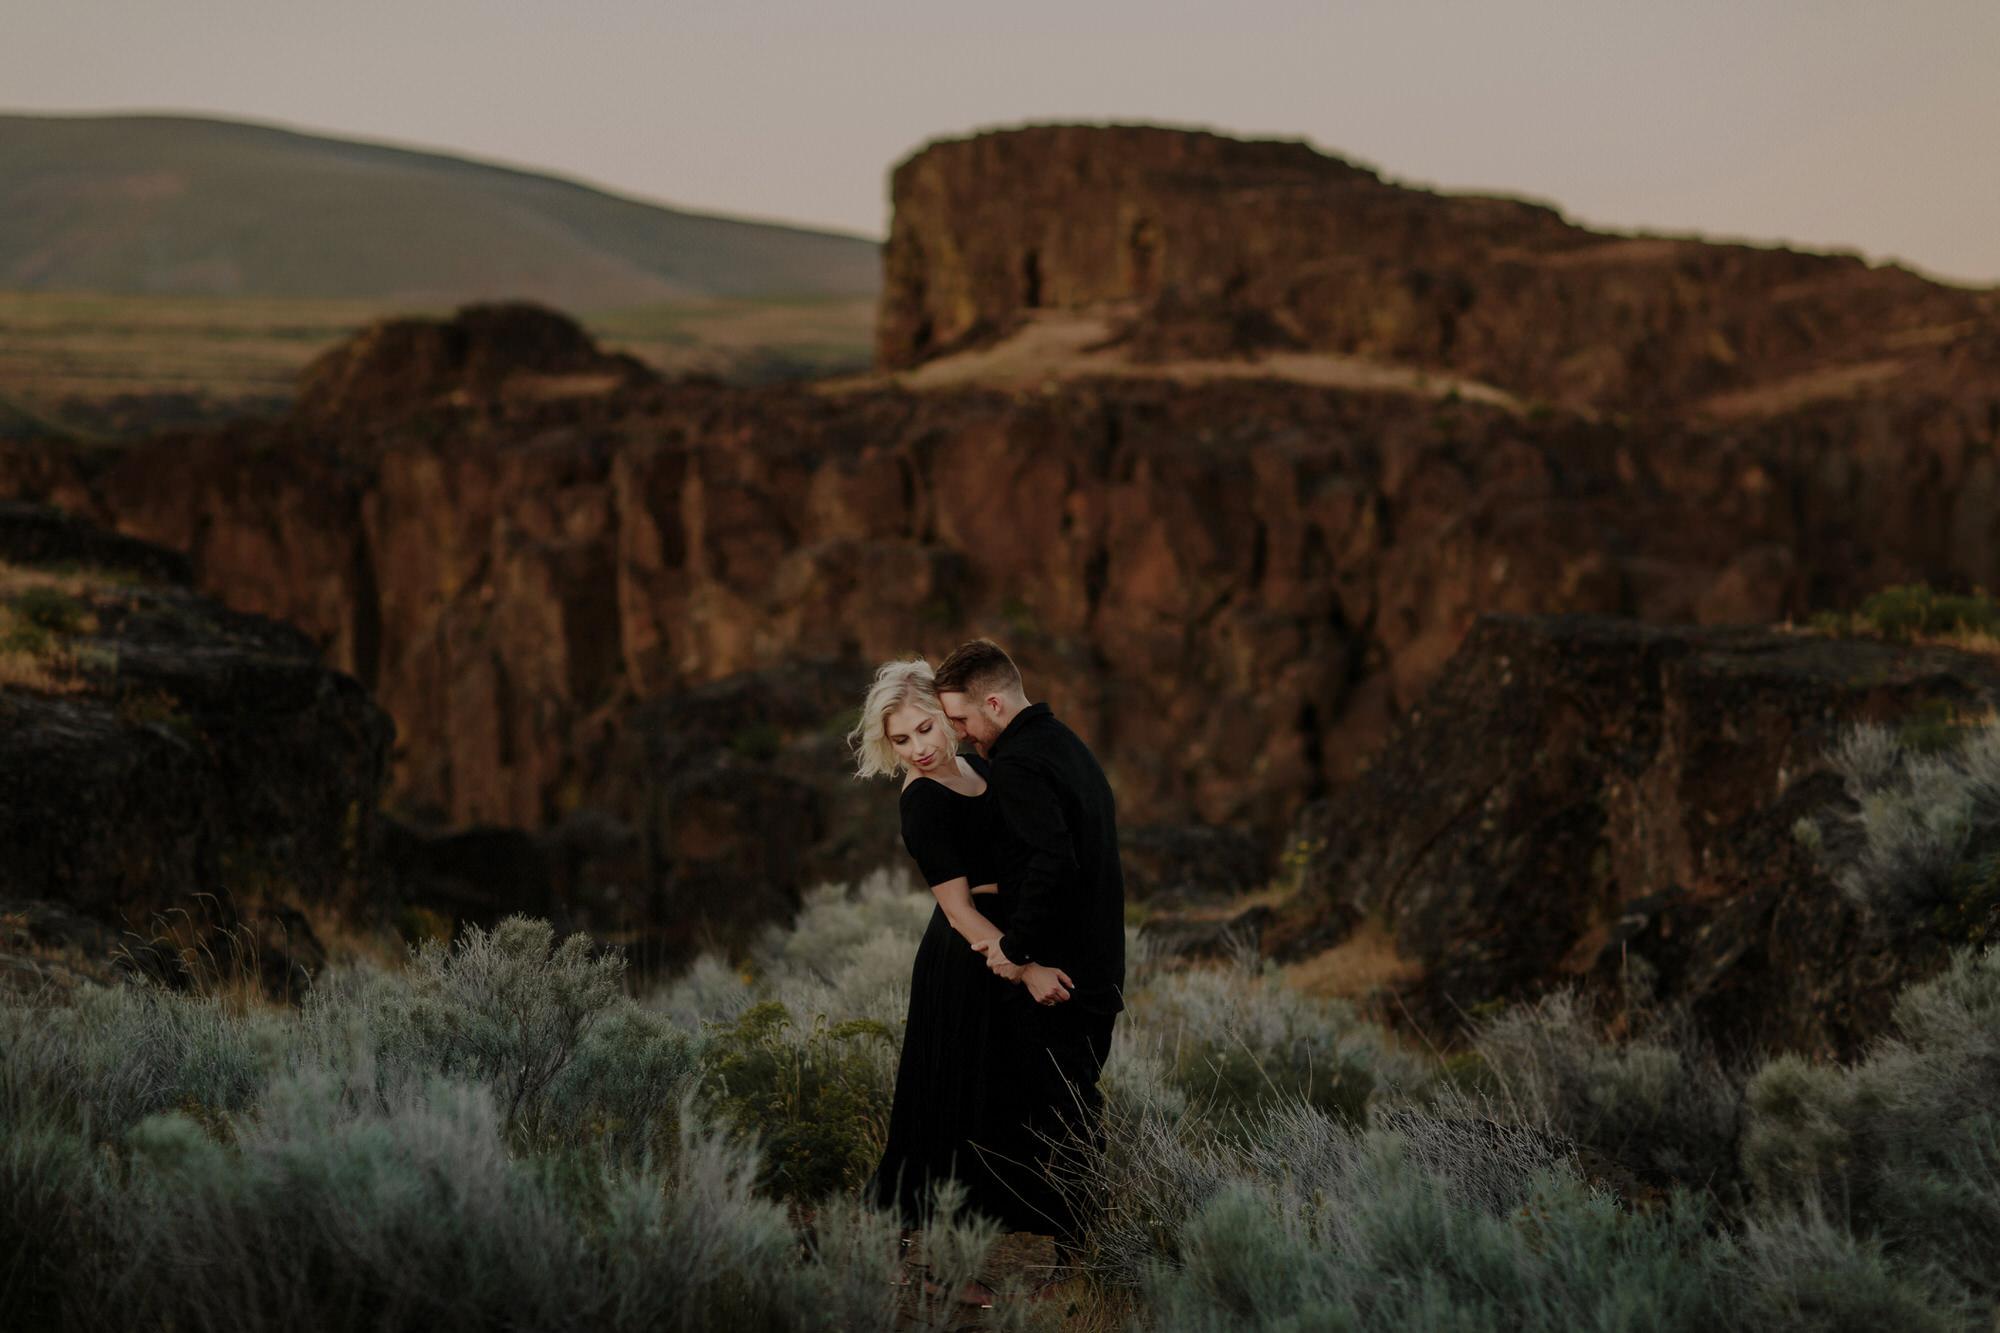 Robert-J-Hill-Destination-Pre-Wedding-Photographer-5.jpg